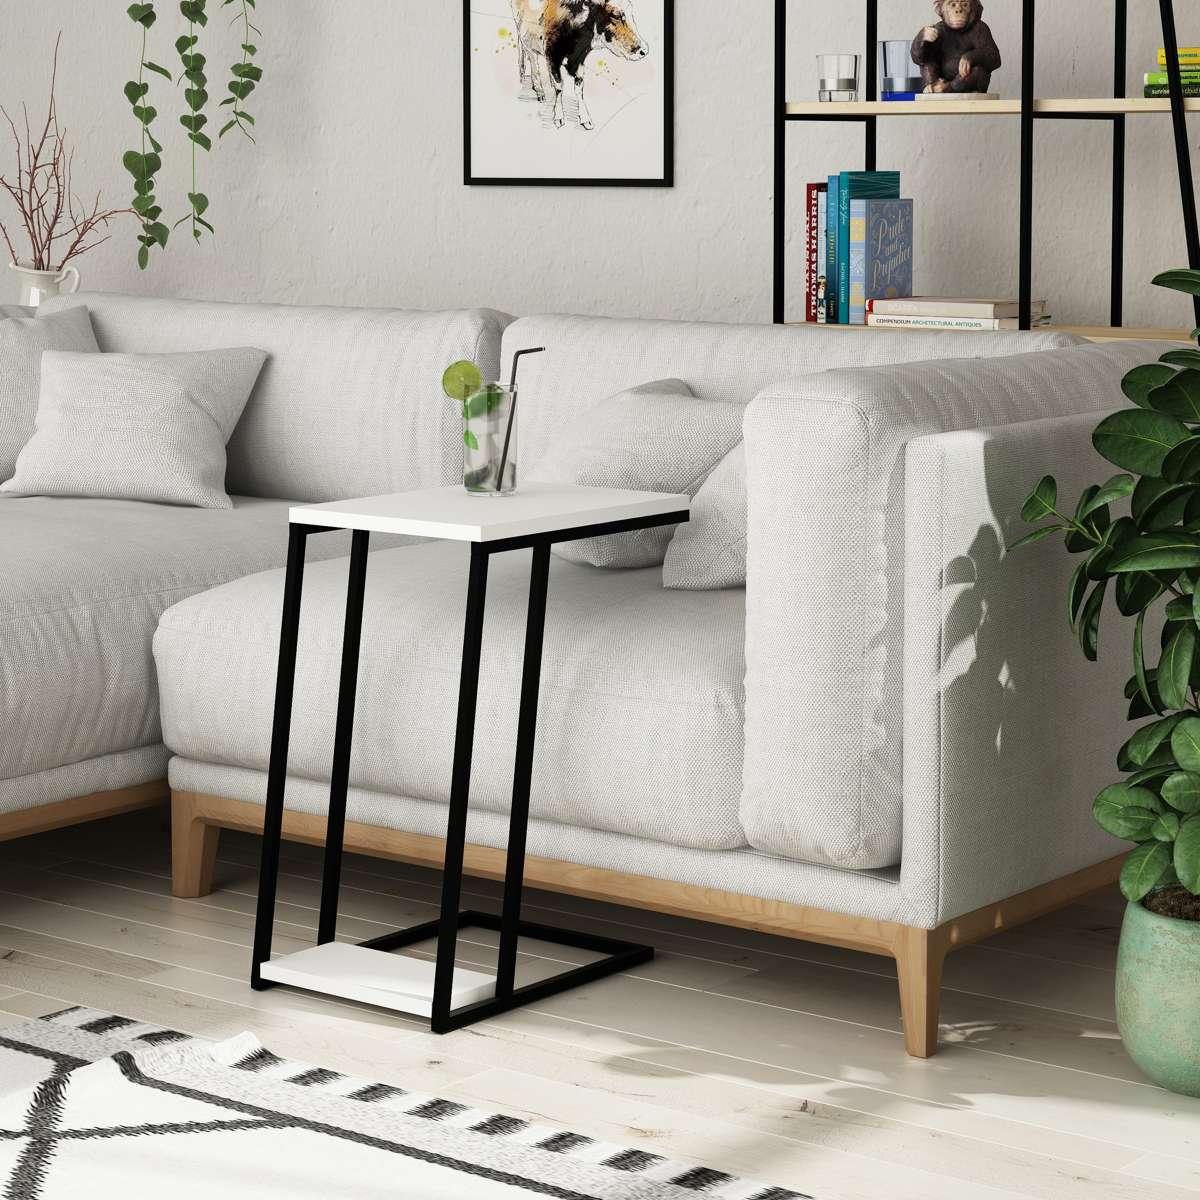 שולחן צד Pal C Side Table לבן מסדרת Decoline אפור מסדרת Decoline